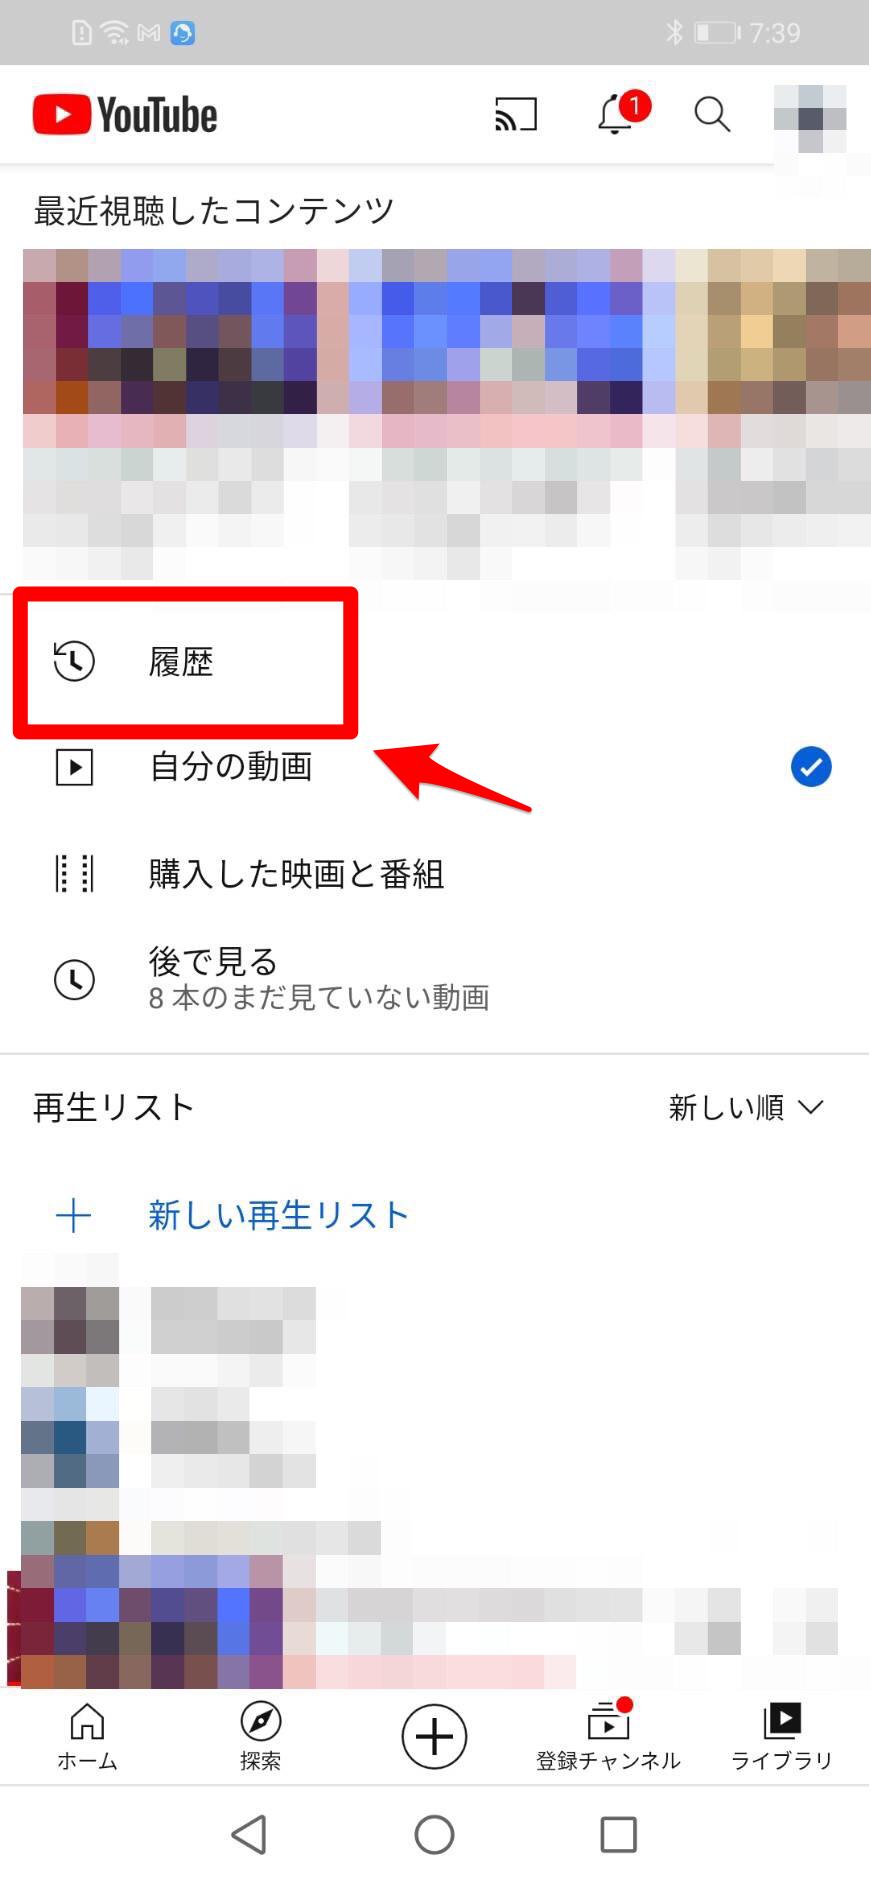 検索履歴を確認する方法